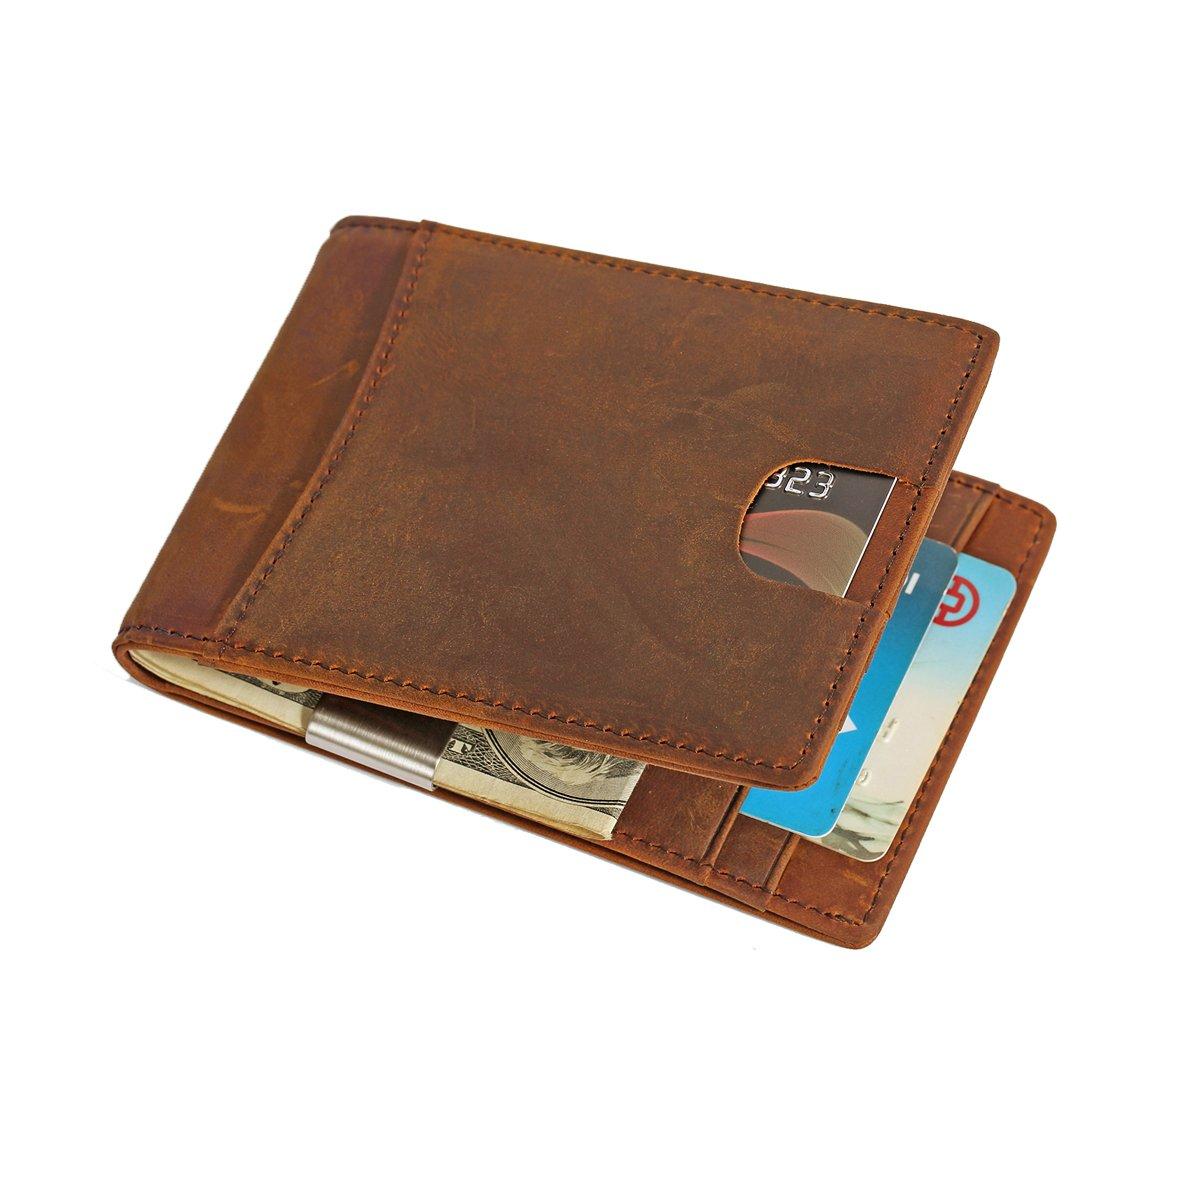 RFID Blocage Portefeuille Homme Cuir, Mince Porte-Monnaie avec Clip en Métal, Porte-Carte de Crédit Sécurisé, Porte-cartes pour Hommes (Black)